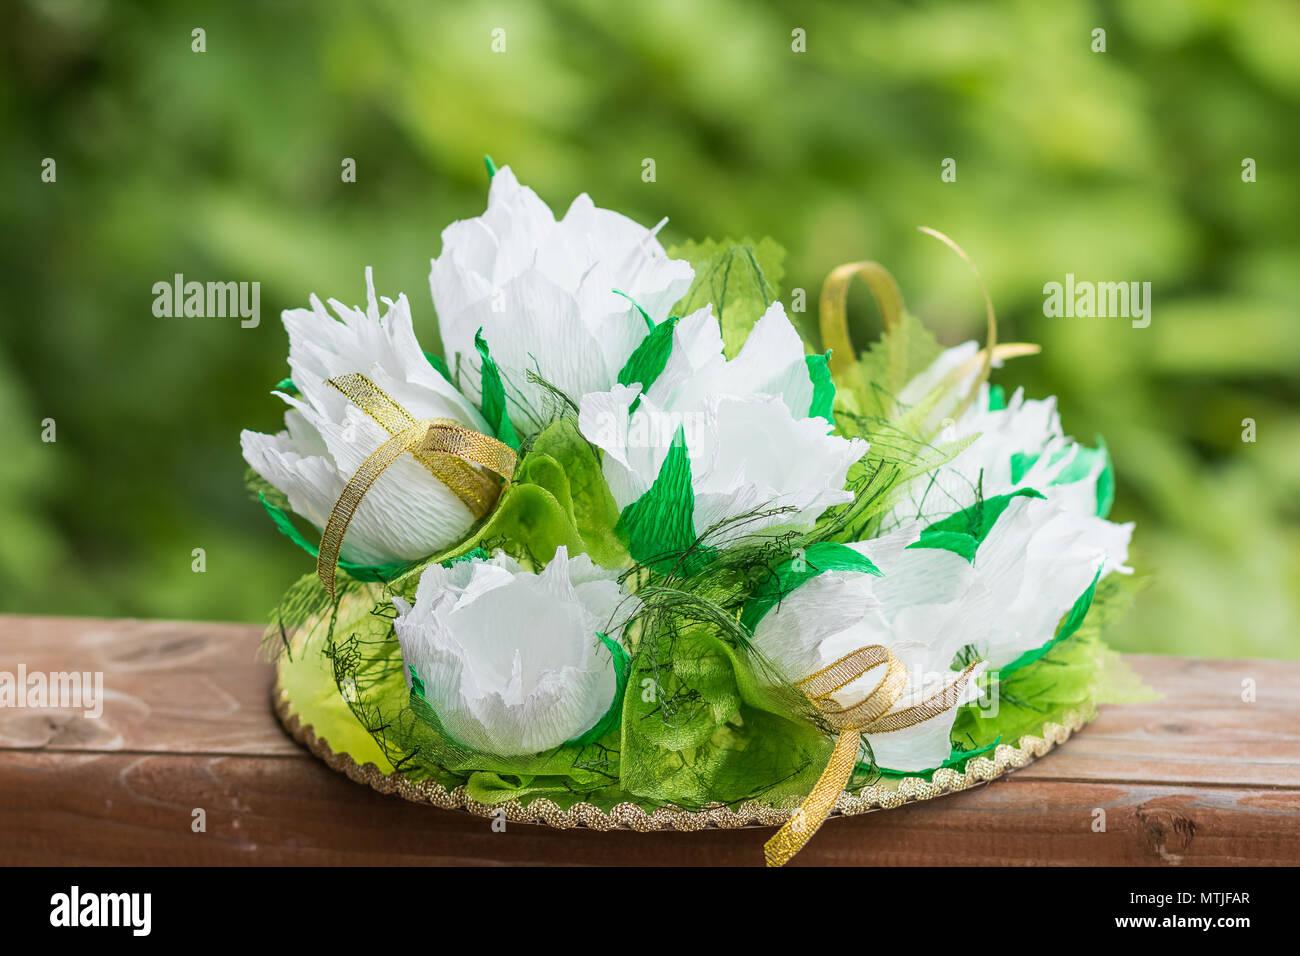 Papier Weiße Blüten Aus Papier Blumenstrauß Aus Papier